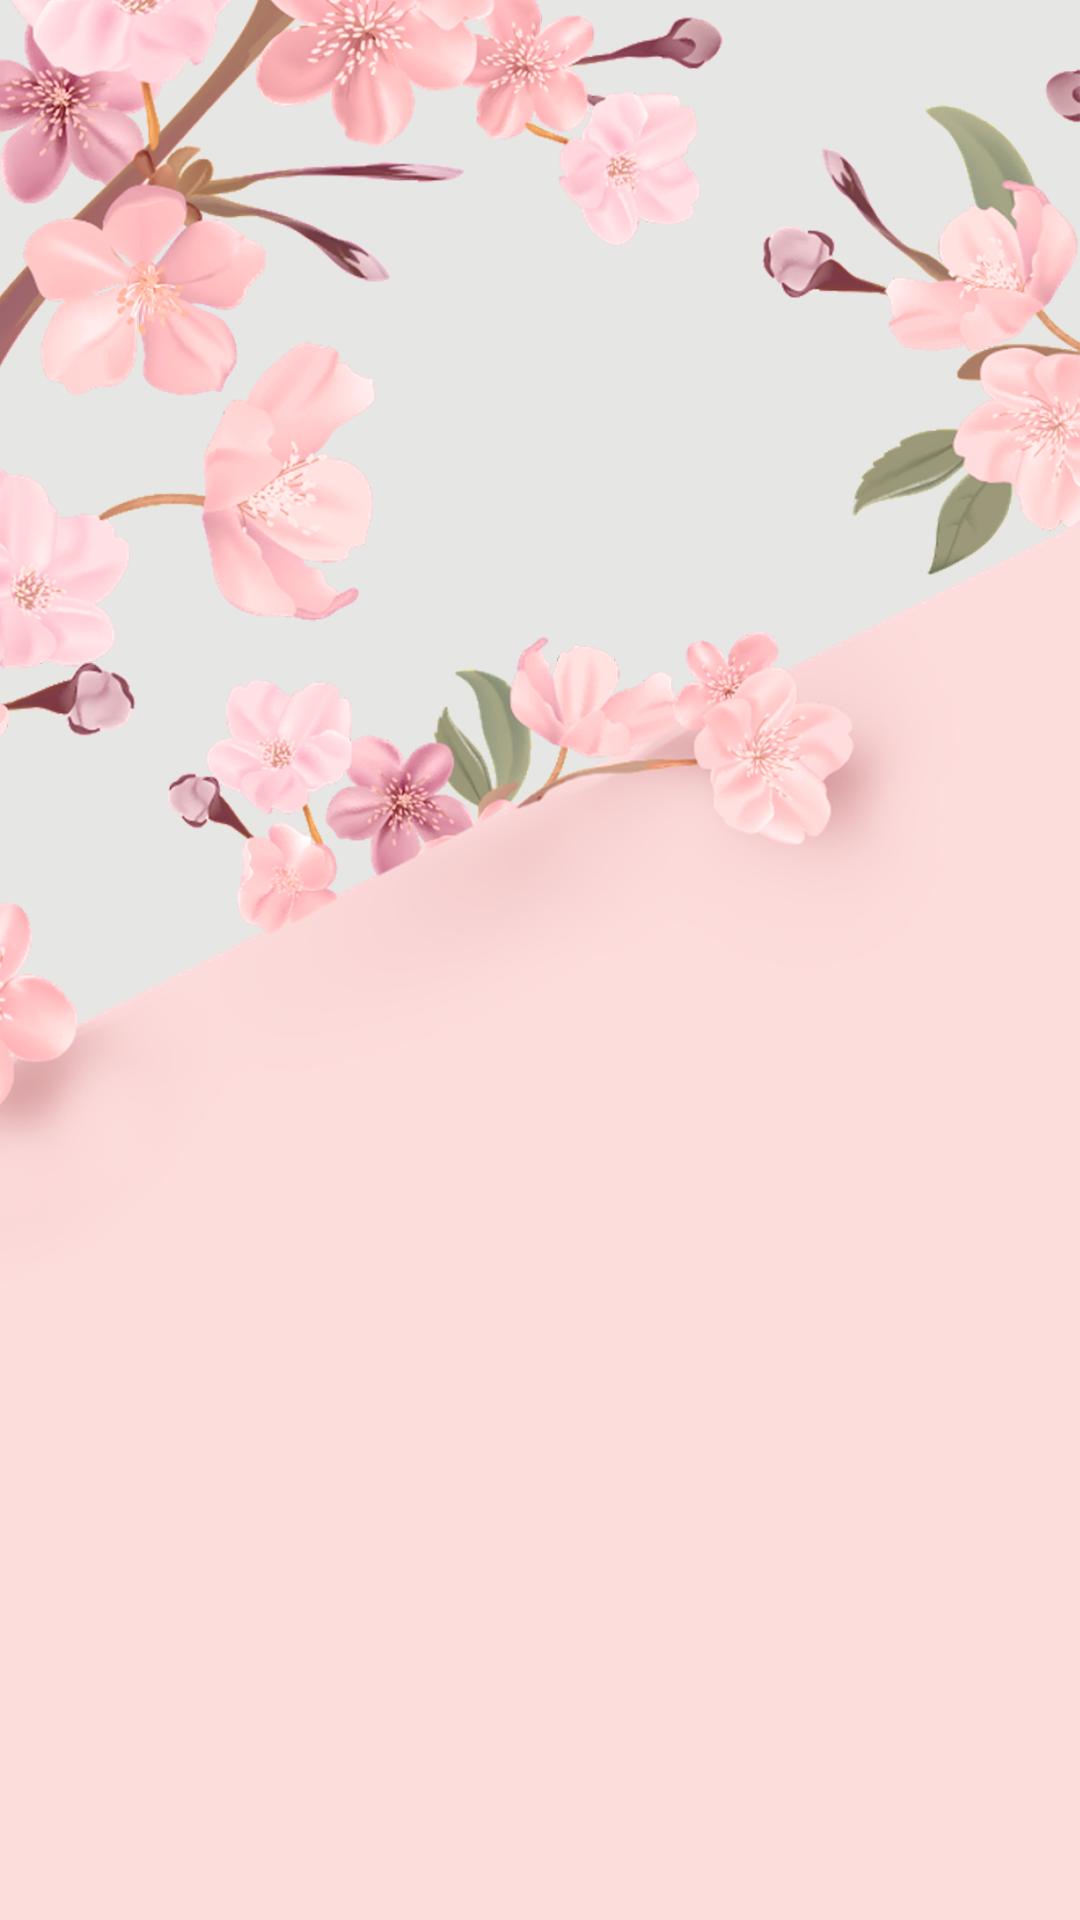 Le Rose à Rungis : Les Fleurs !